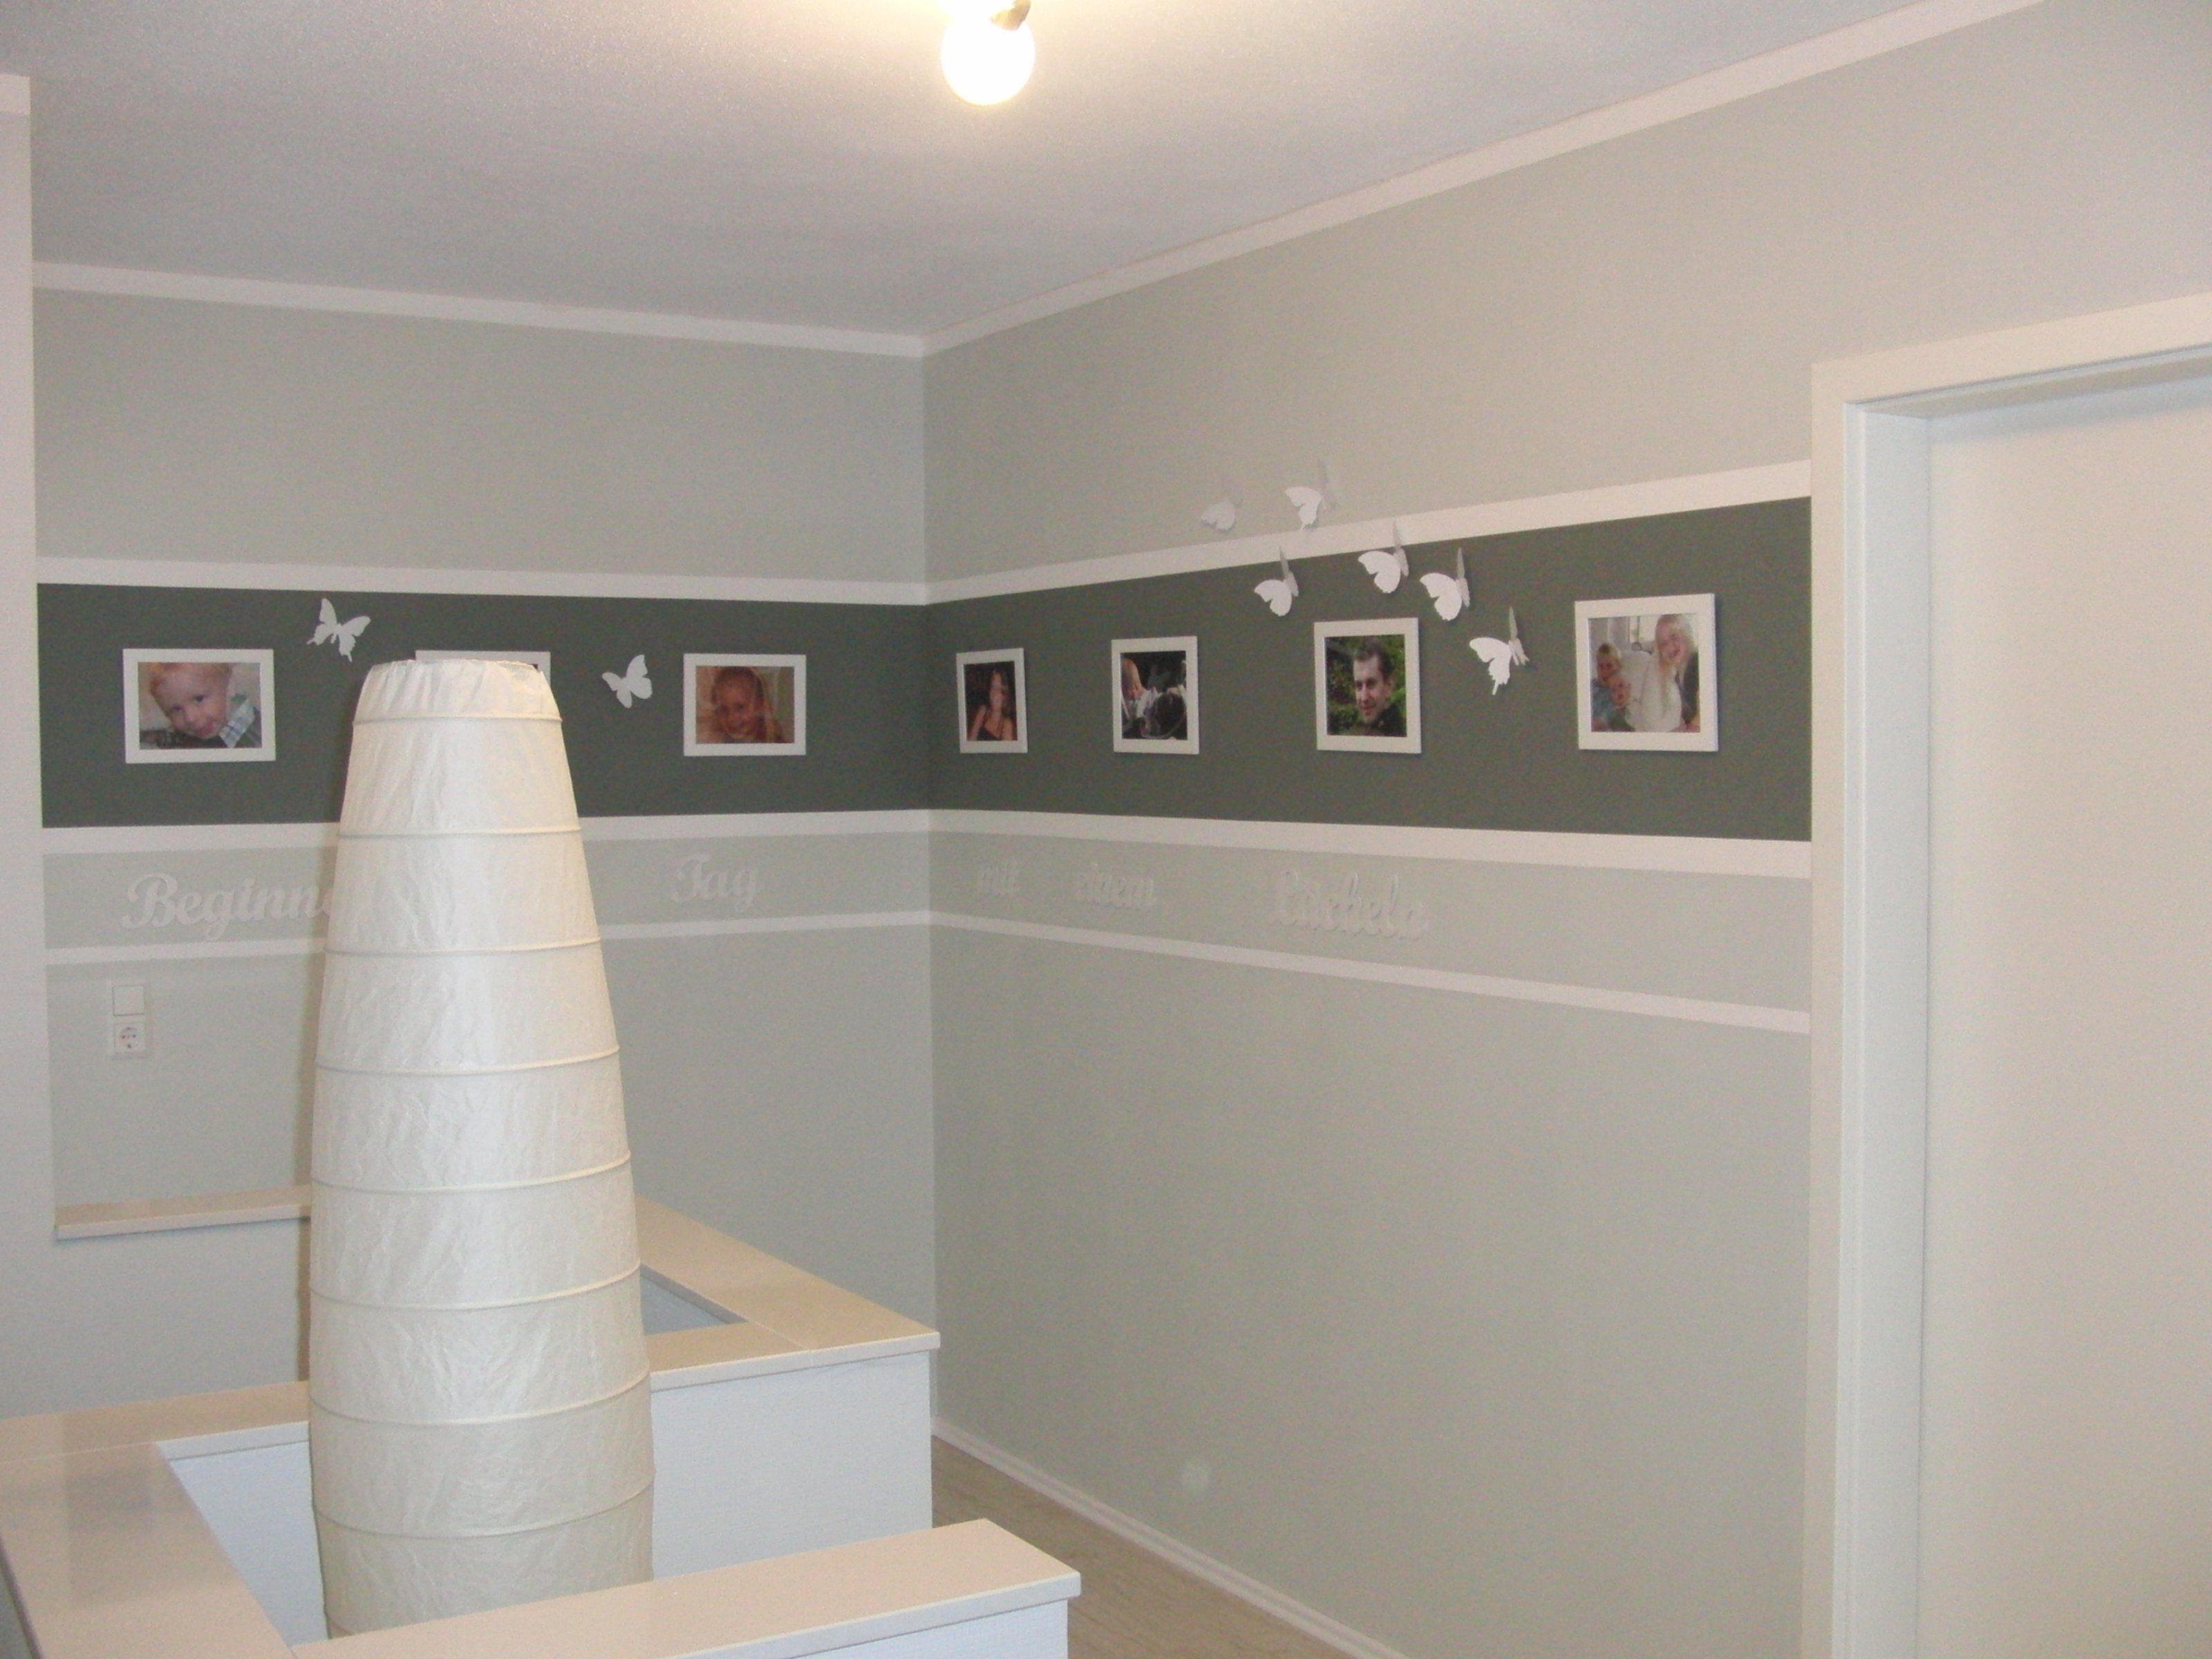 Flur/Diele \'Flur oben\' - unser neues Haus - Zimmerschau | Foto ...